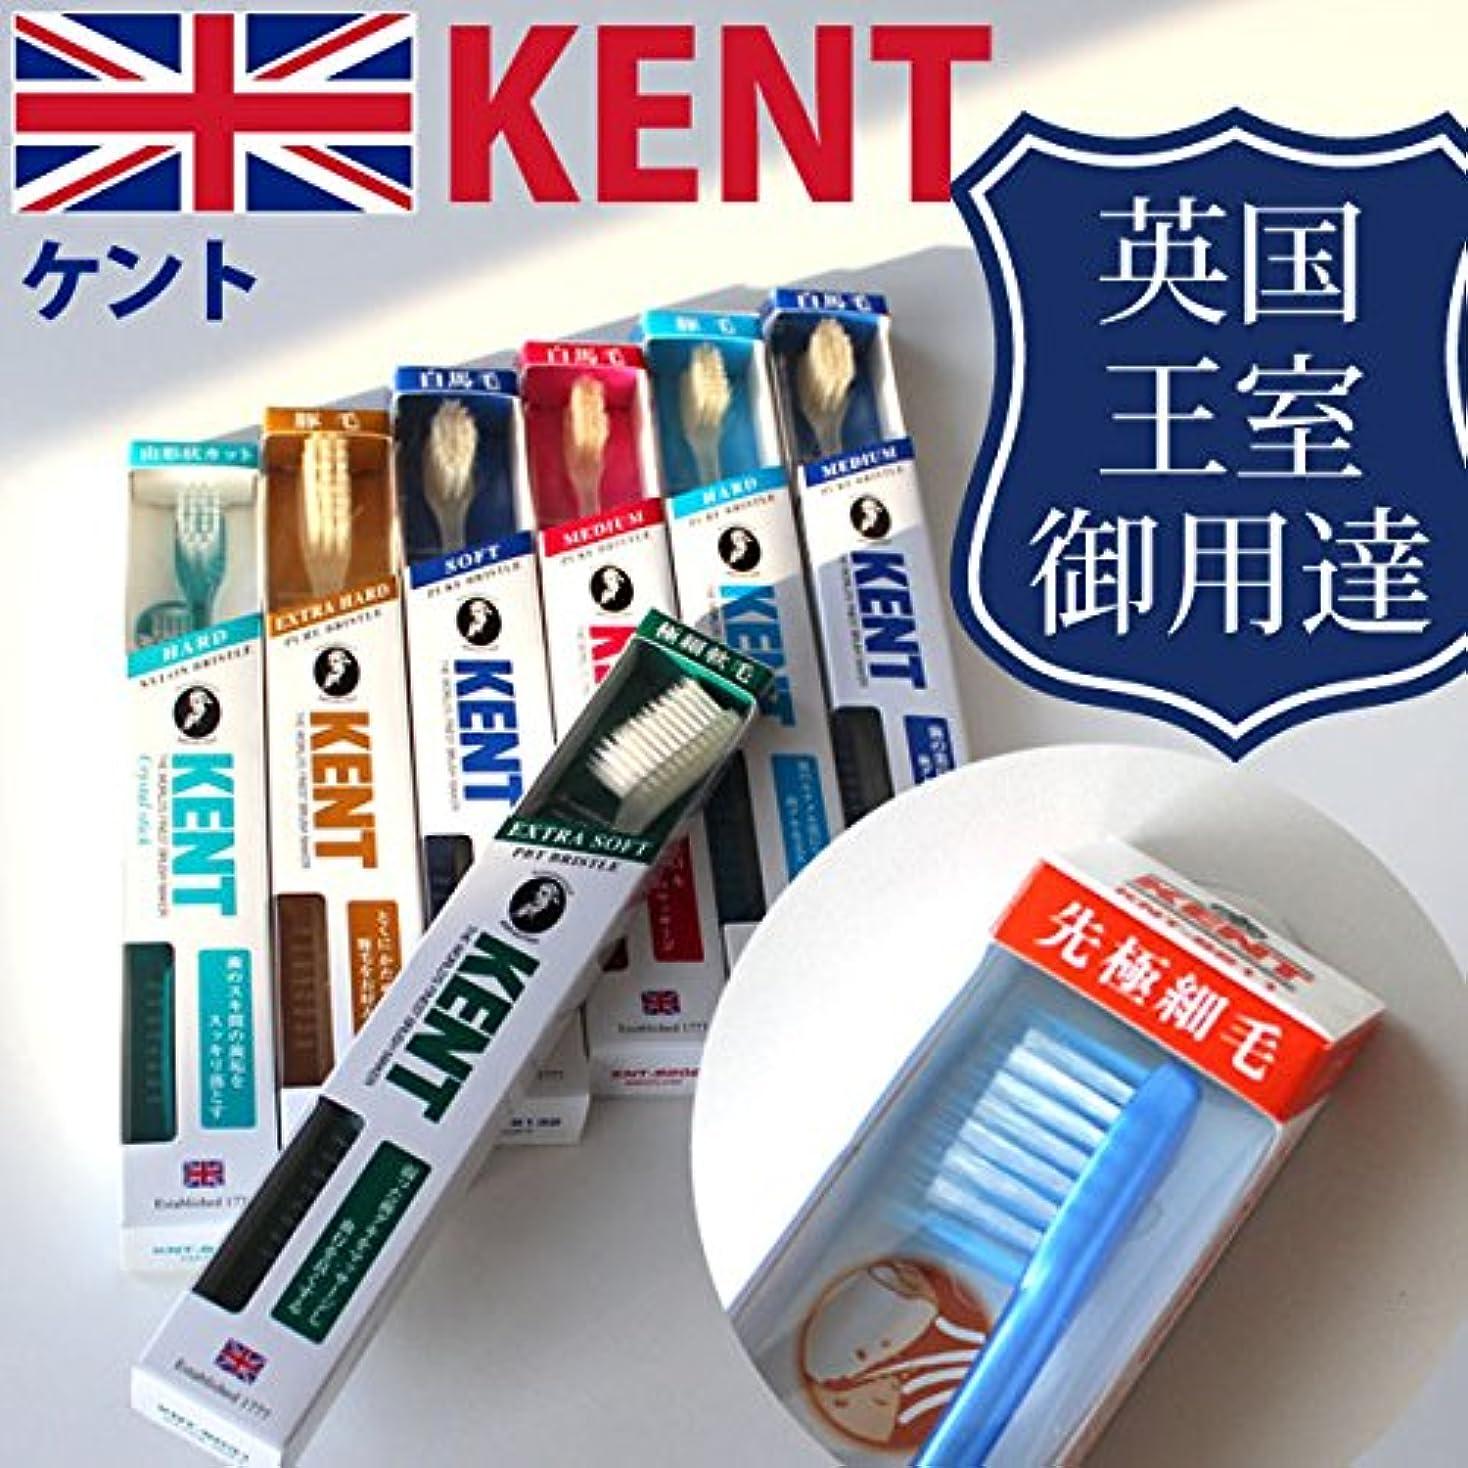 センチメートル誇張アロングケント KENT トリプレックス歯ブラシ KNT-9211 ふつう 6本入り 虫歯予防?歯周病ケアに